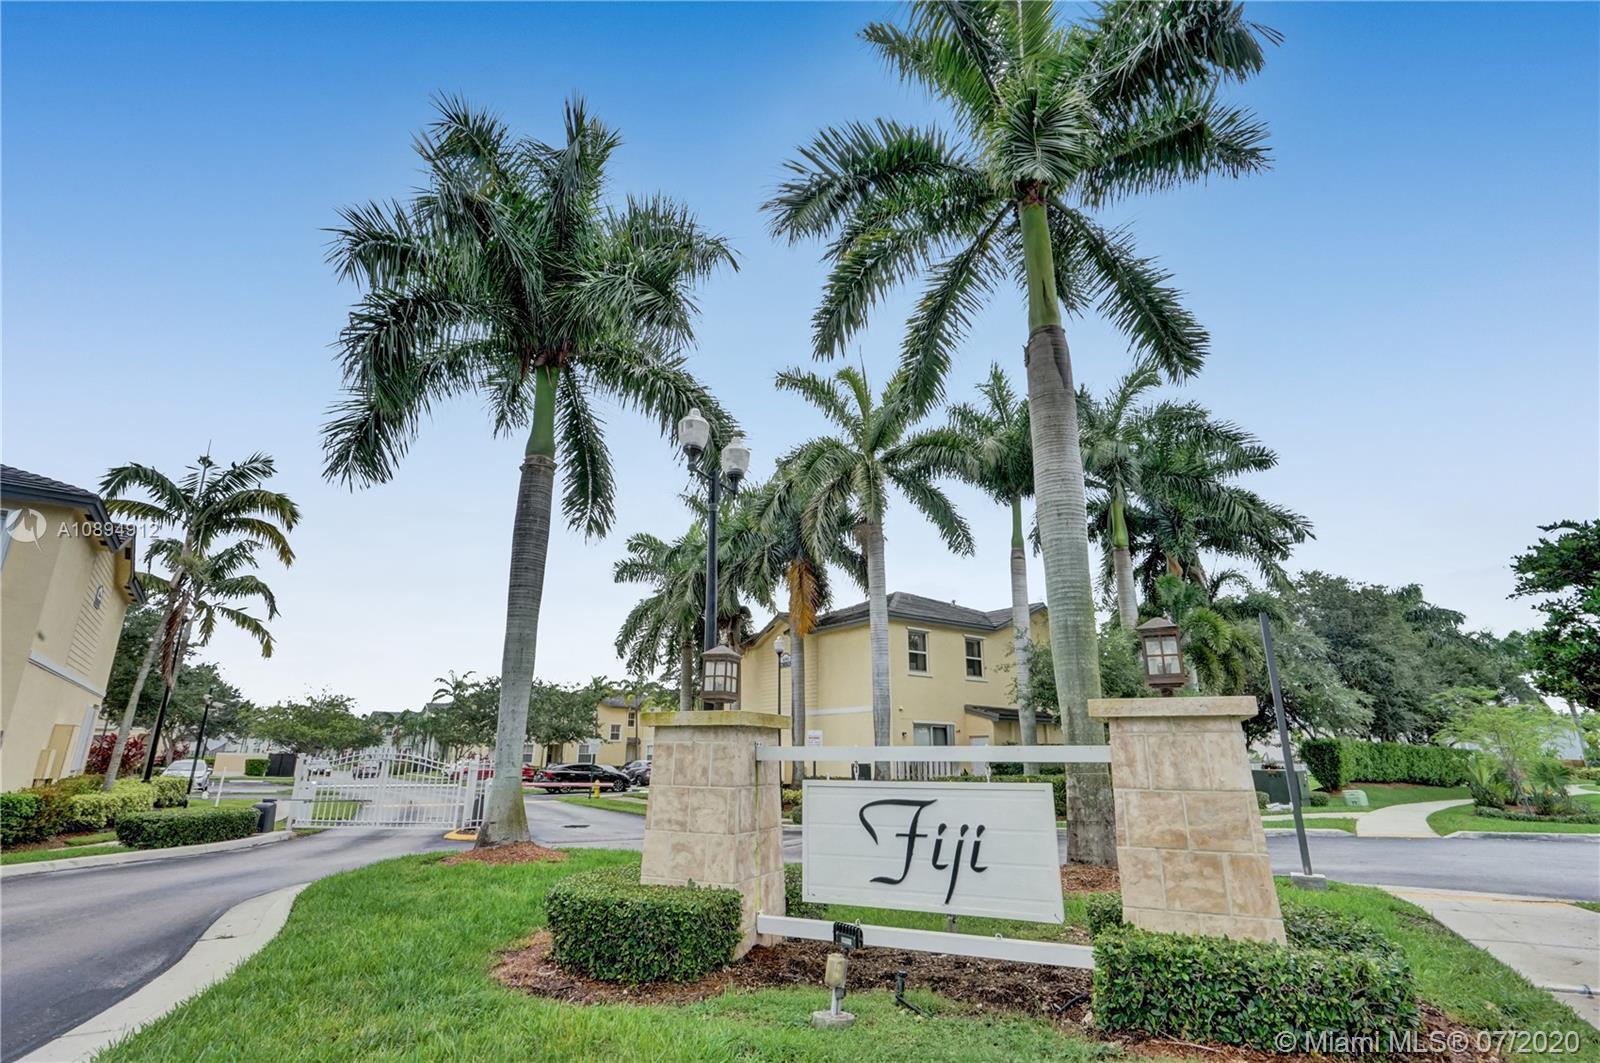 2884 SE 2nd Dr #7 Property Photo - Homestead, FL real estate listing